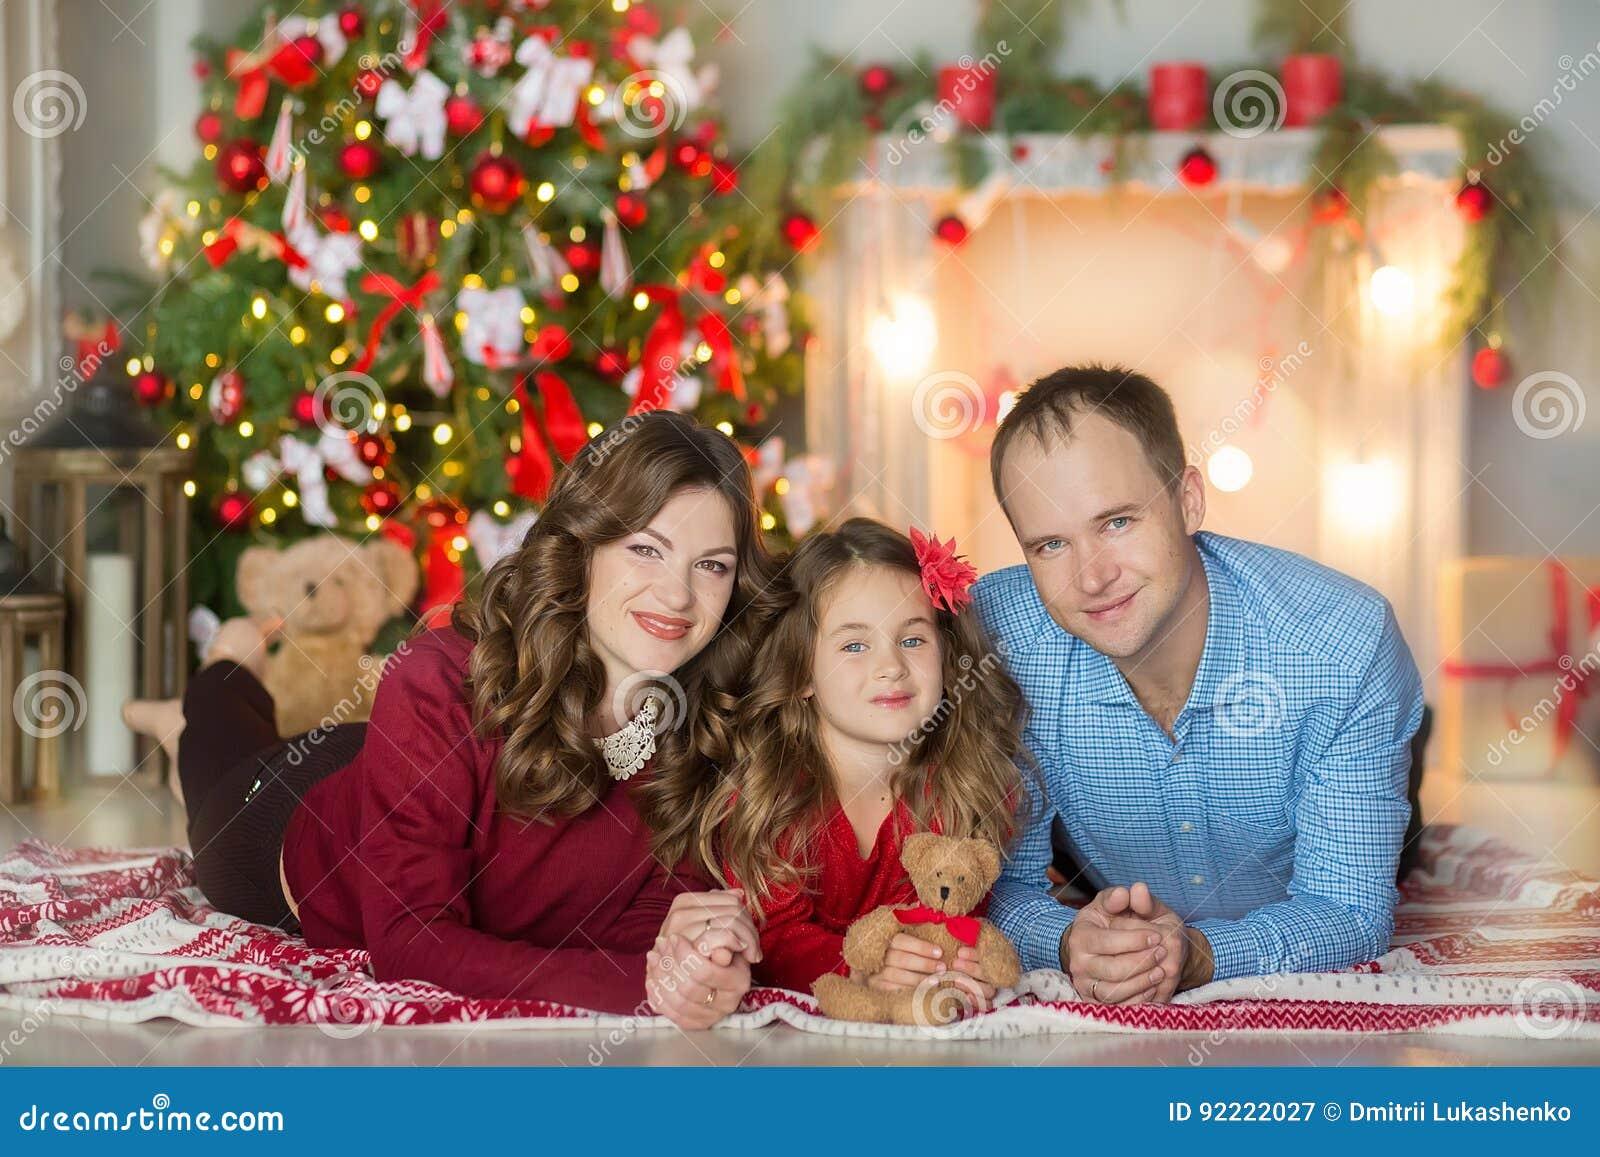 Familie Auf Weihnachtsabend Am Kamin Kinder, Die Weihnachtsgeschenke ...